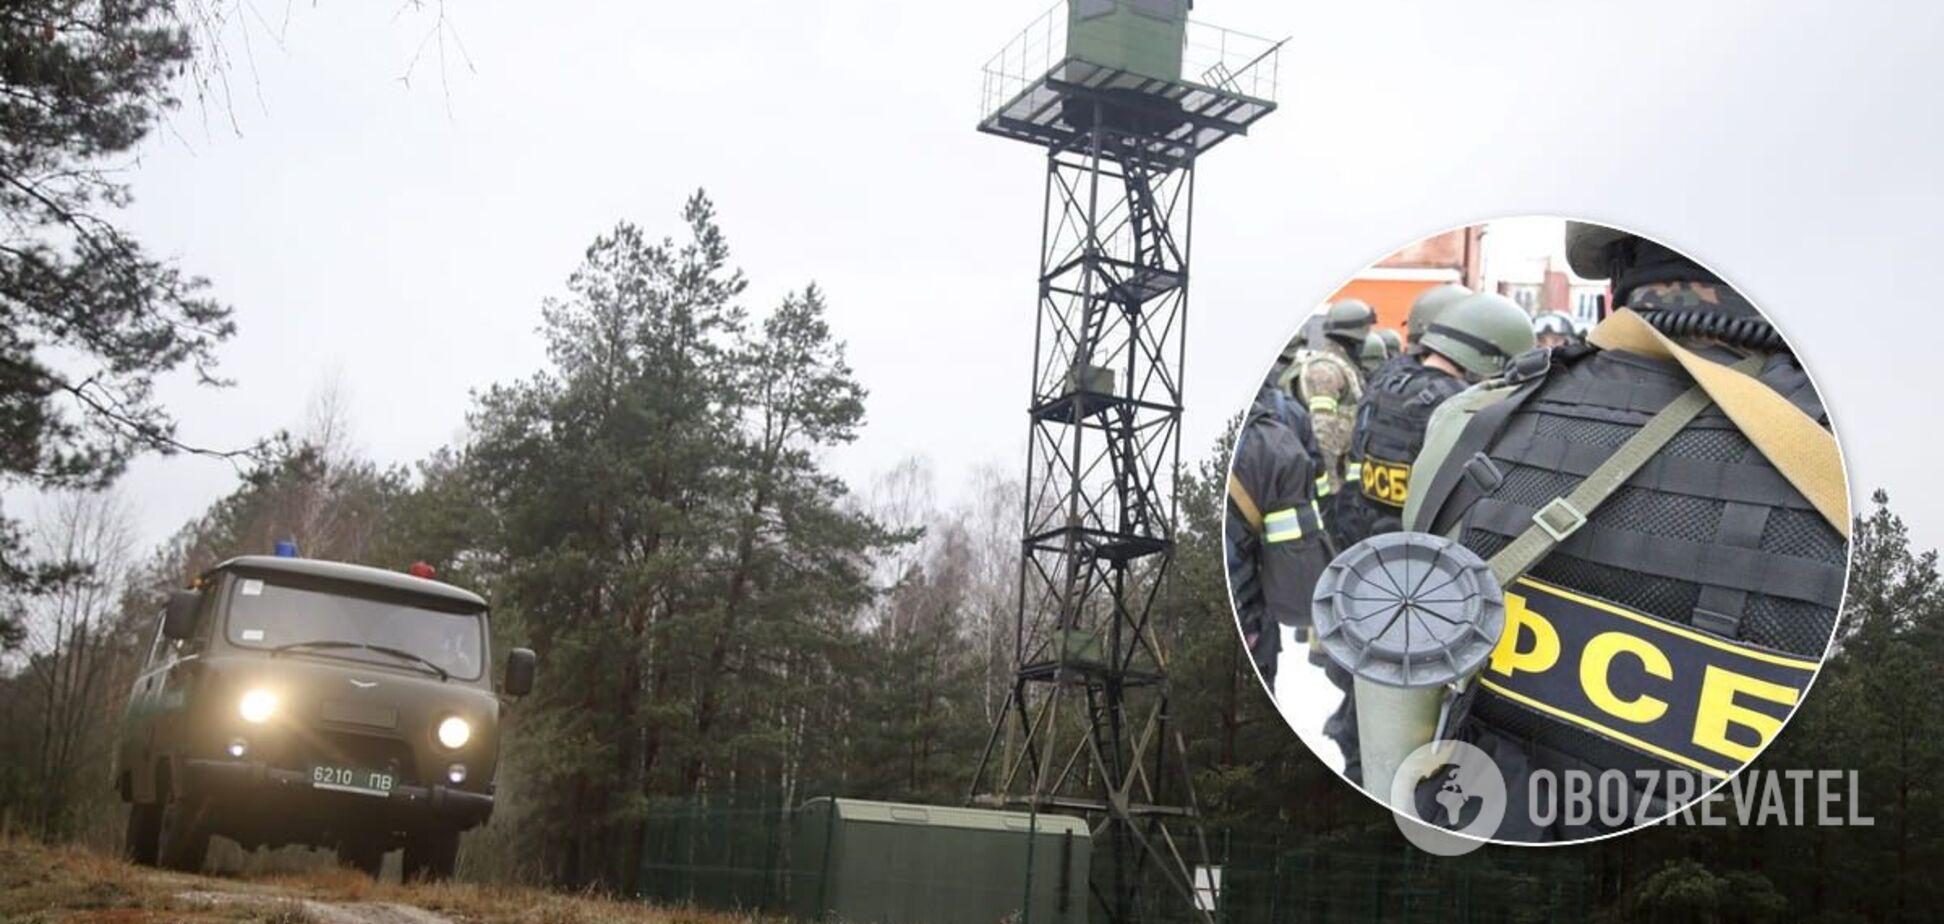 Білорусь запросила на кордон з Україною російських військових